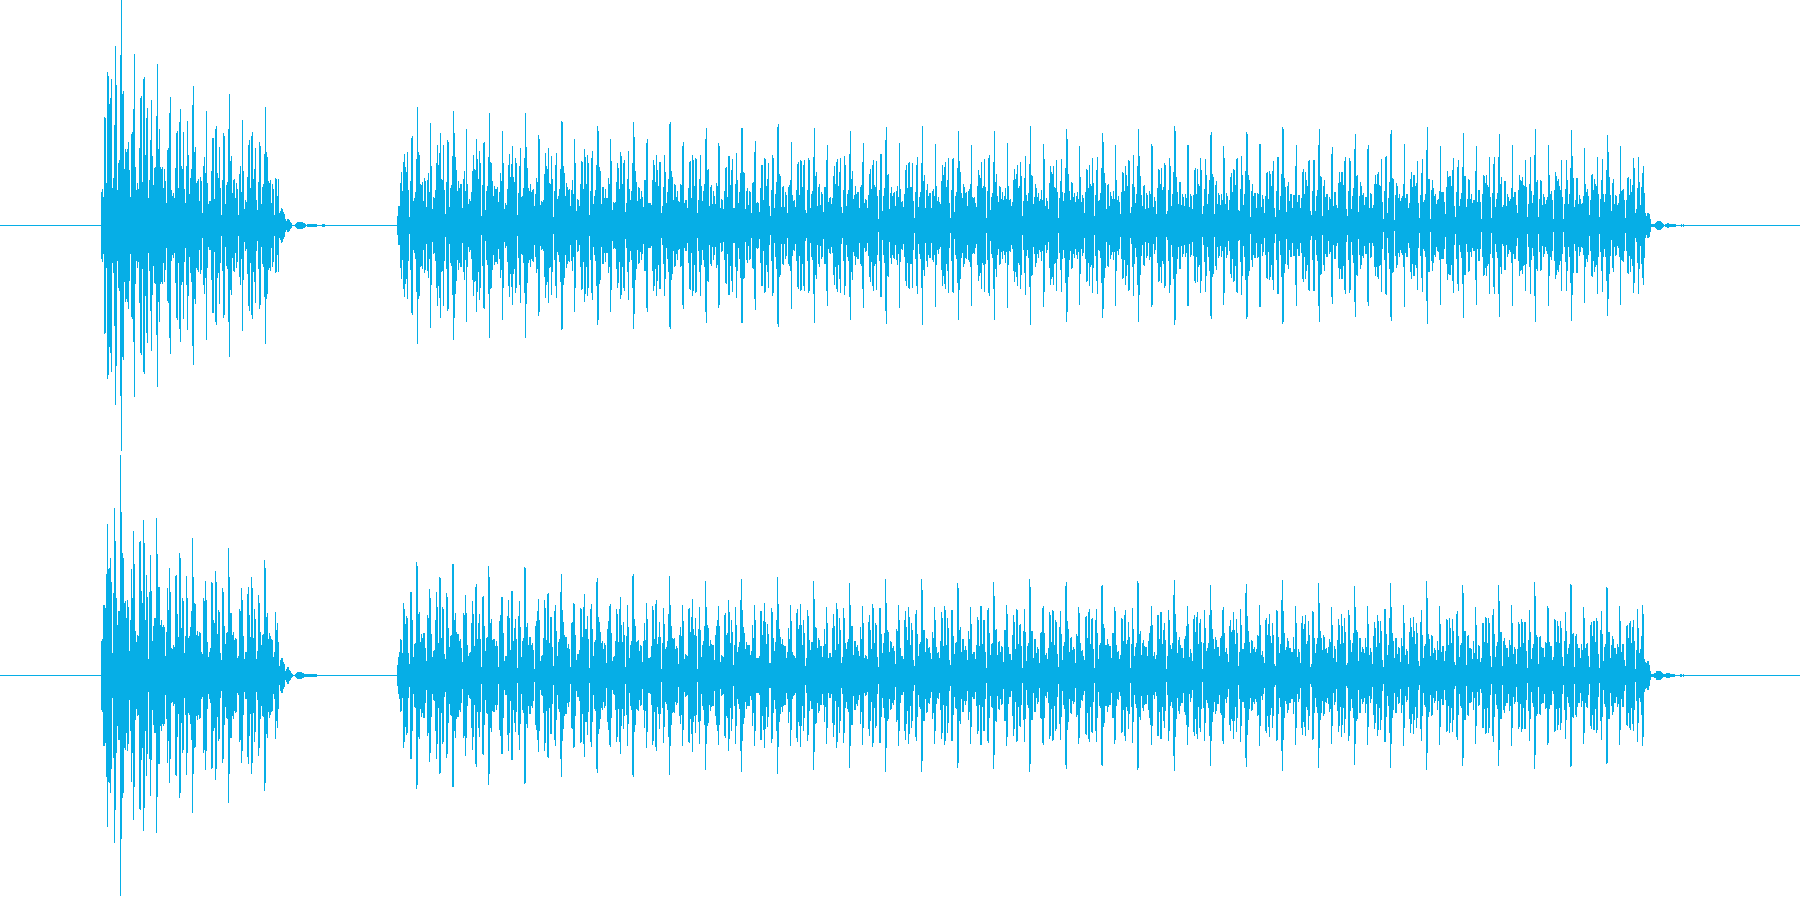 ブブー(クイズ・不正解・ブザー音)02の再生済みの波形